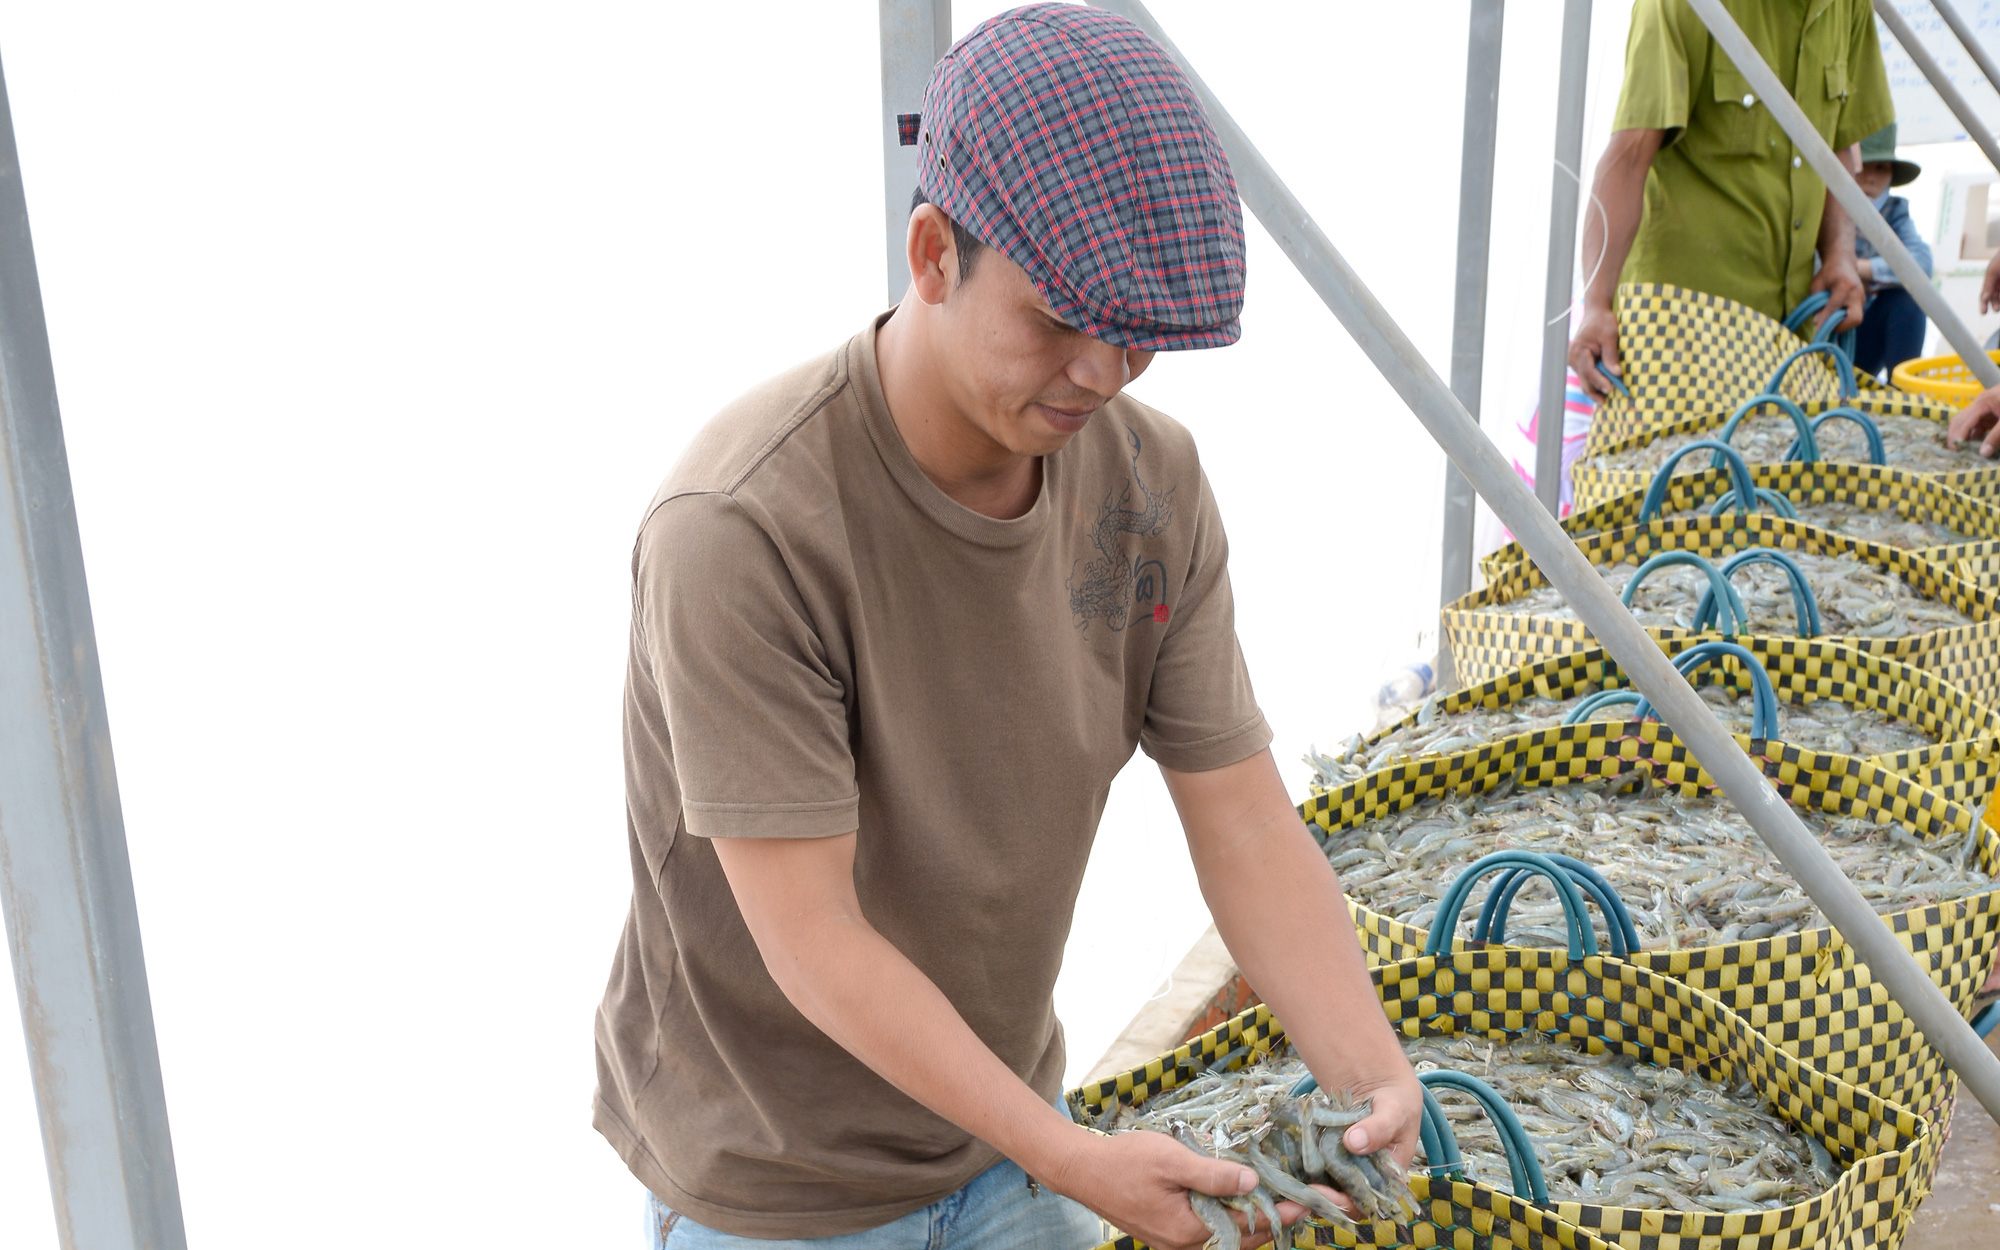 Mỹ, Nhật Bản đặc biệt ưa chuộng một loại thủy sản của Việt Nam, có bao nhiêu cũng mua hết